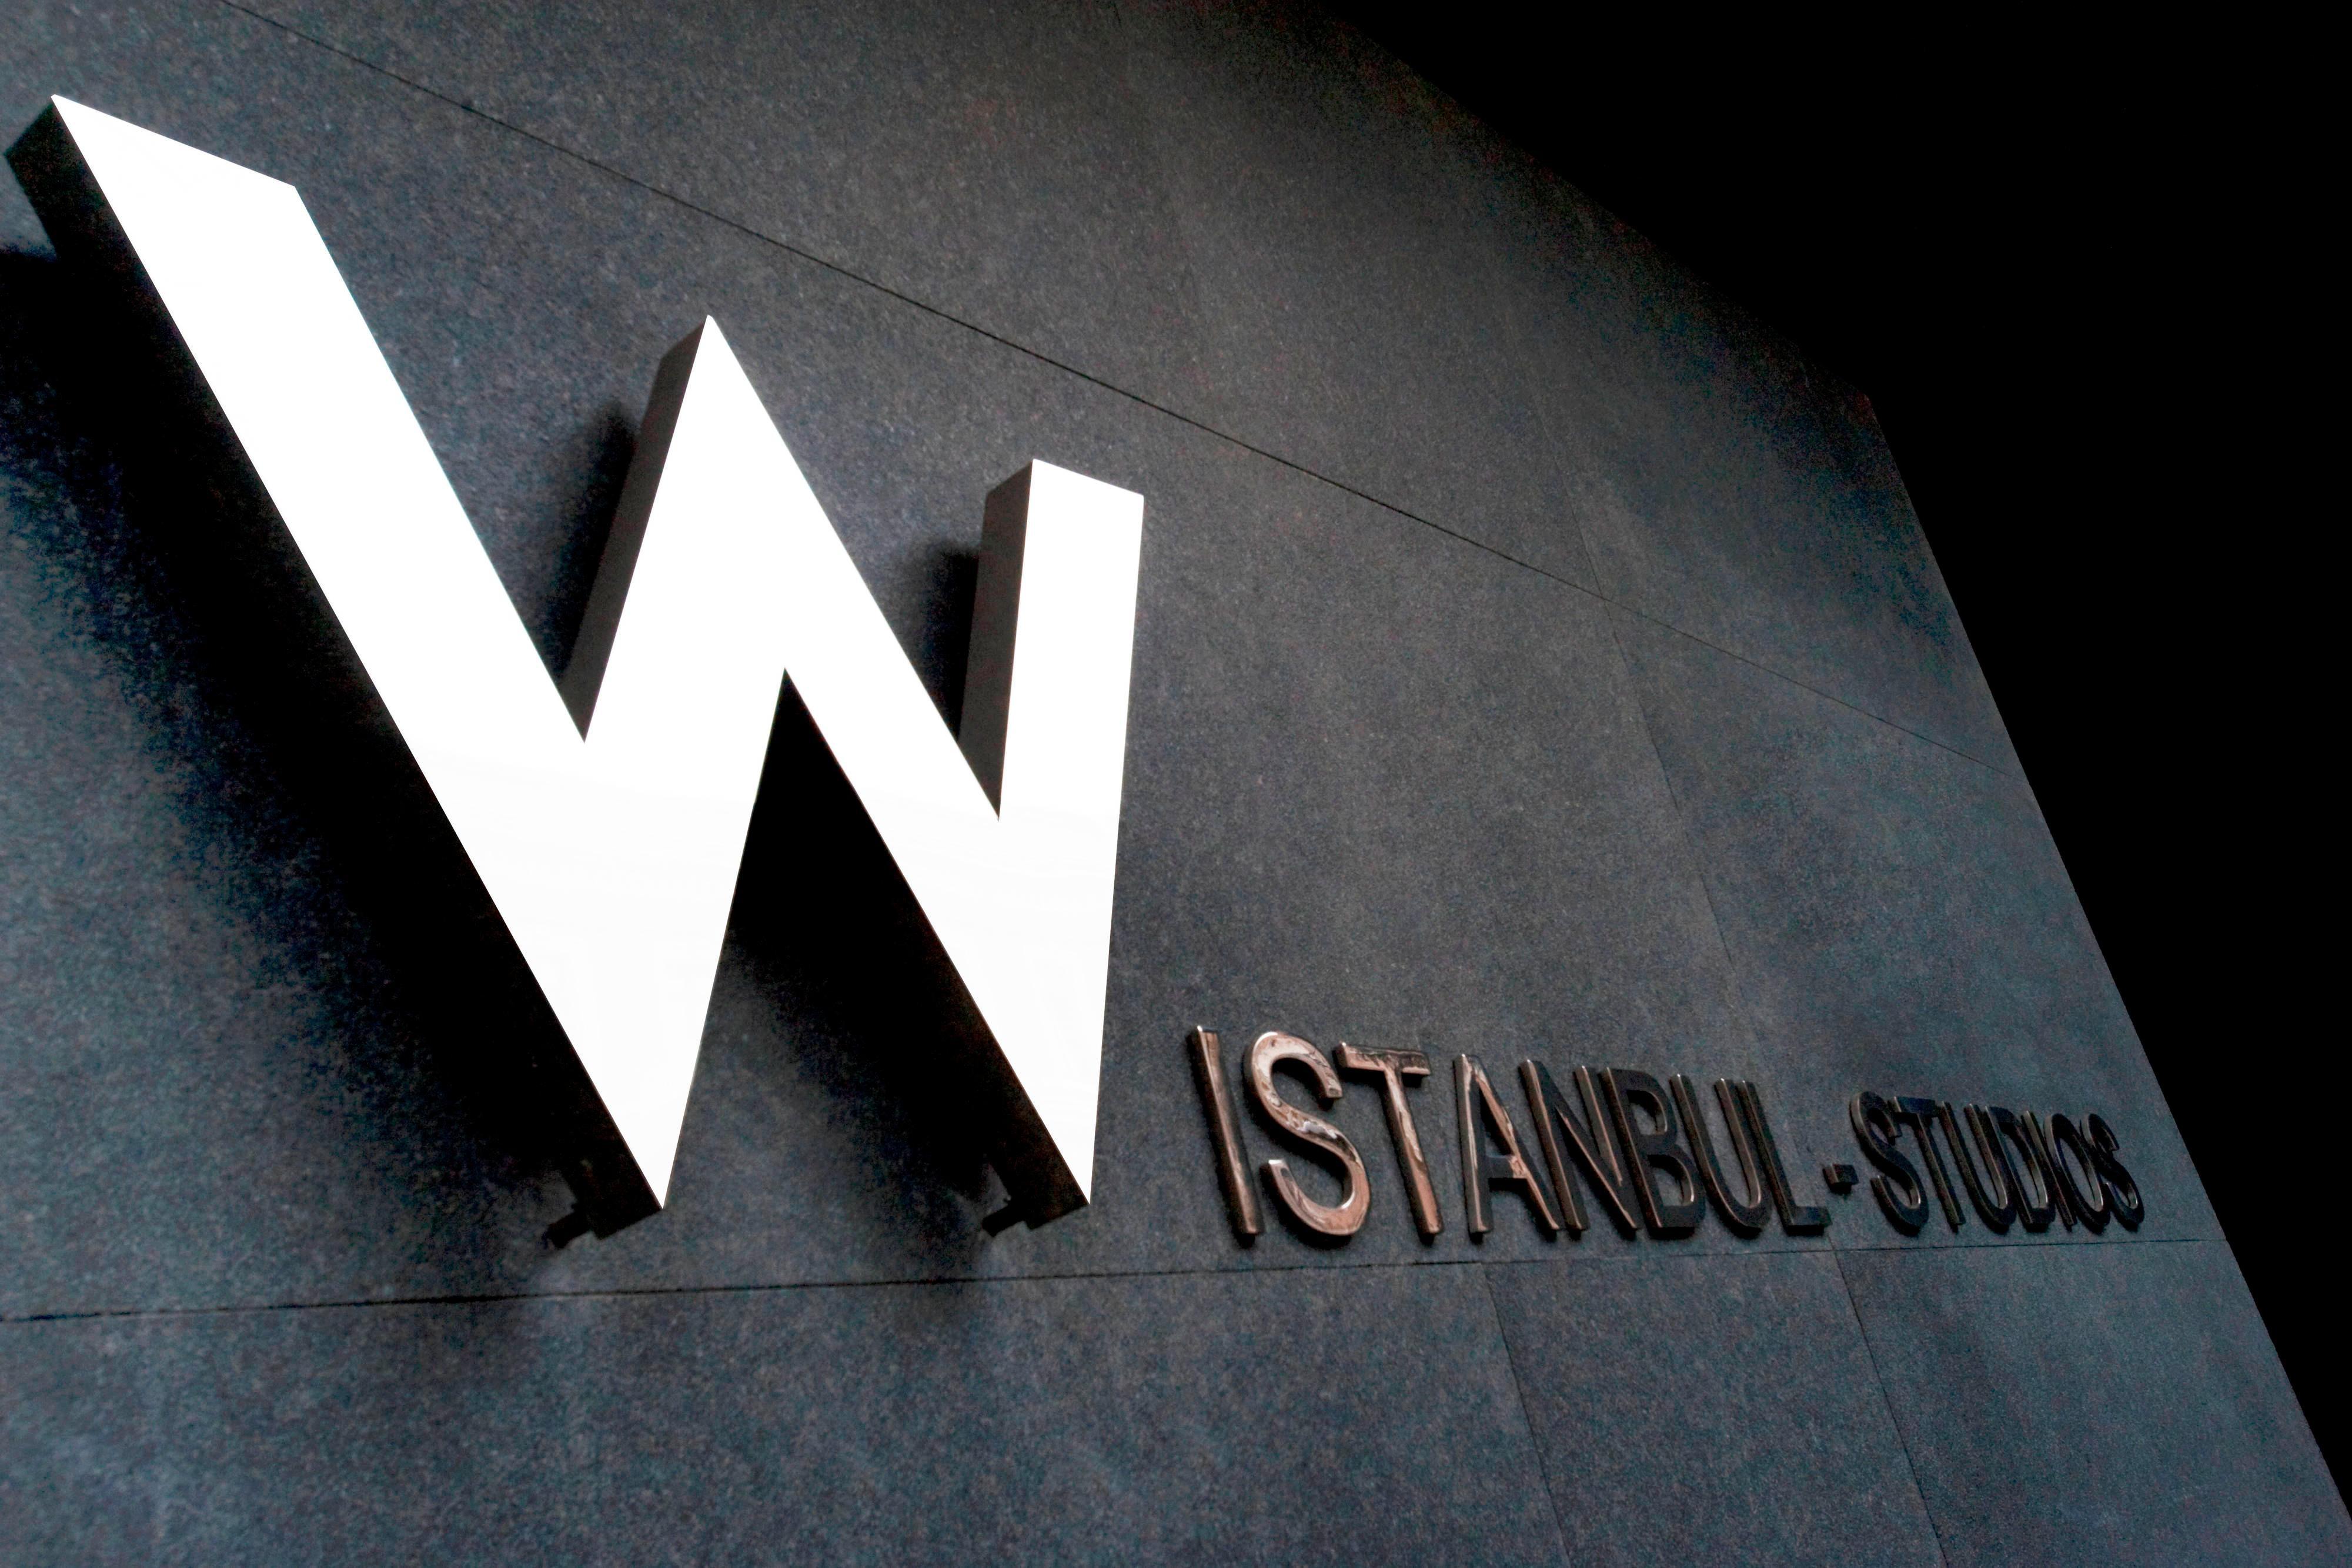 W Istanbul Studios